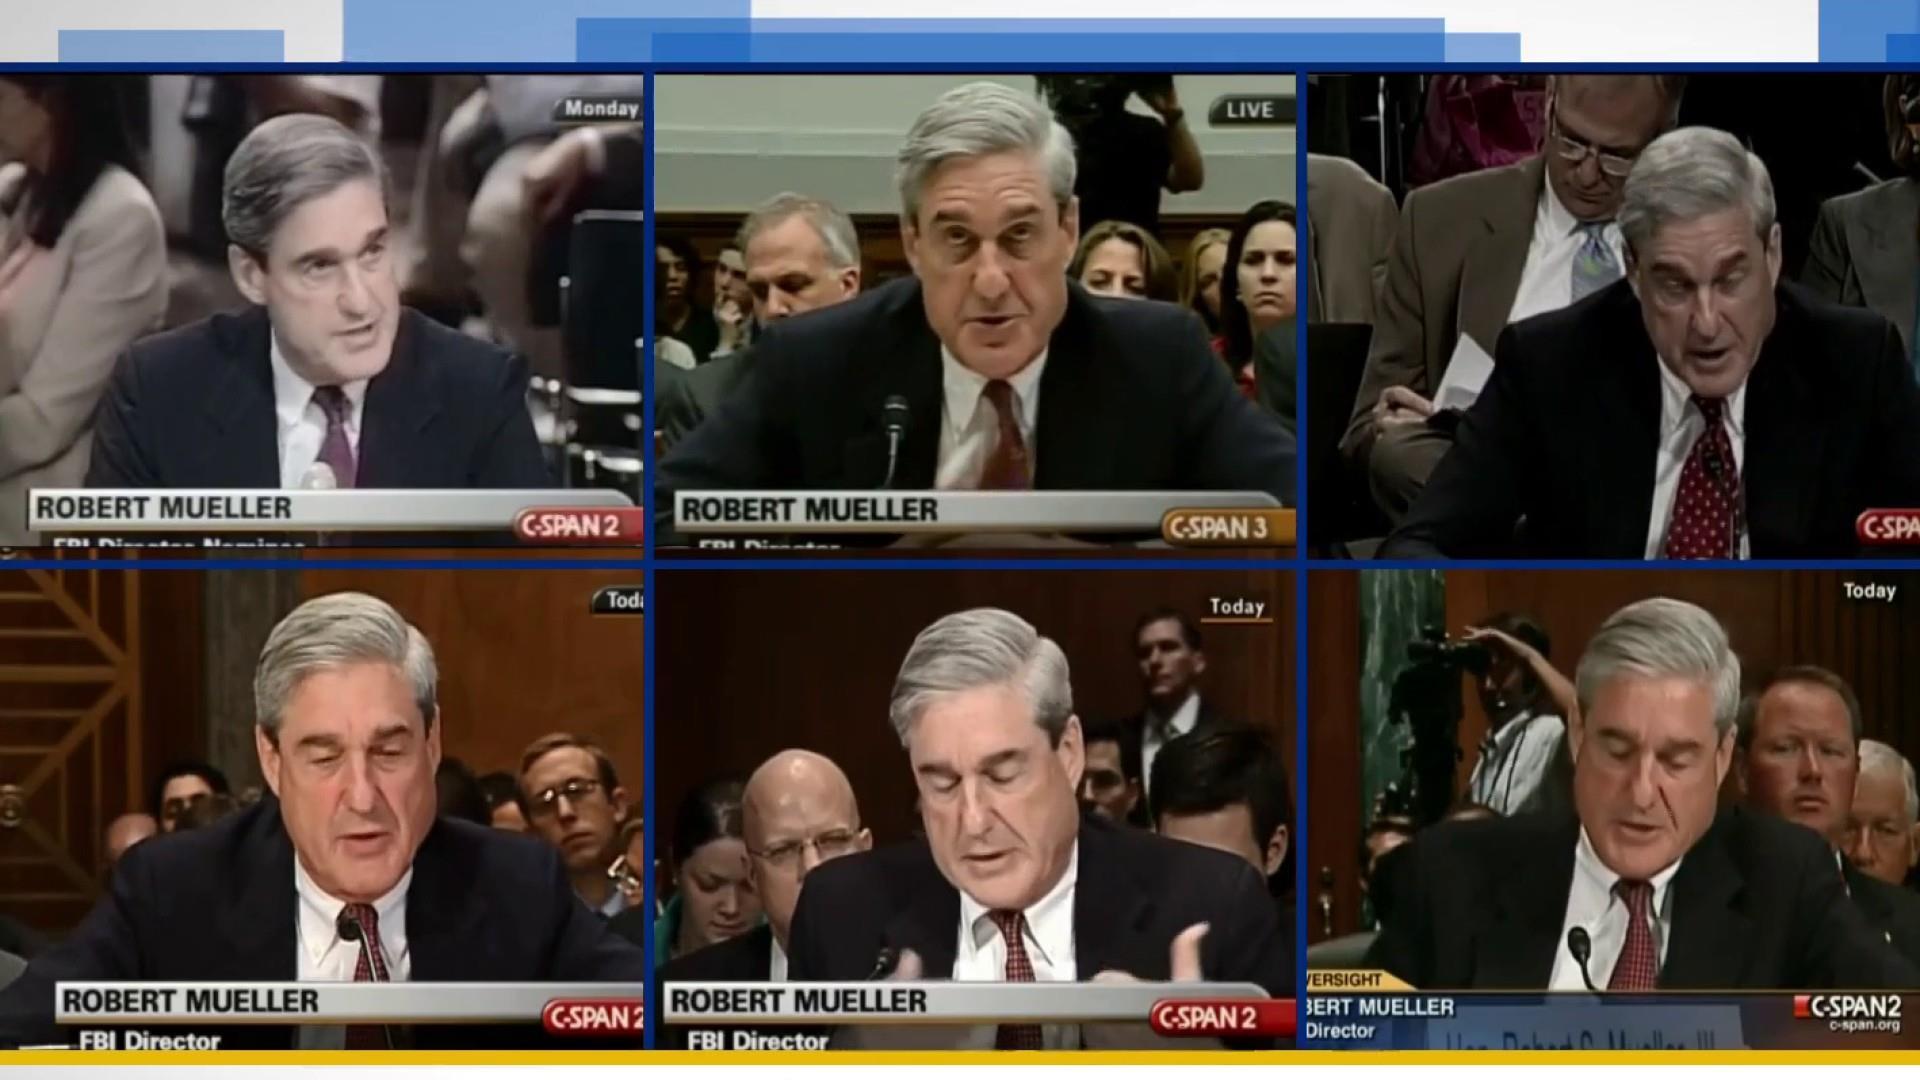 Watch what happens when Bob Mueller goes under oath